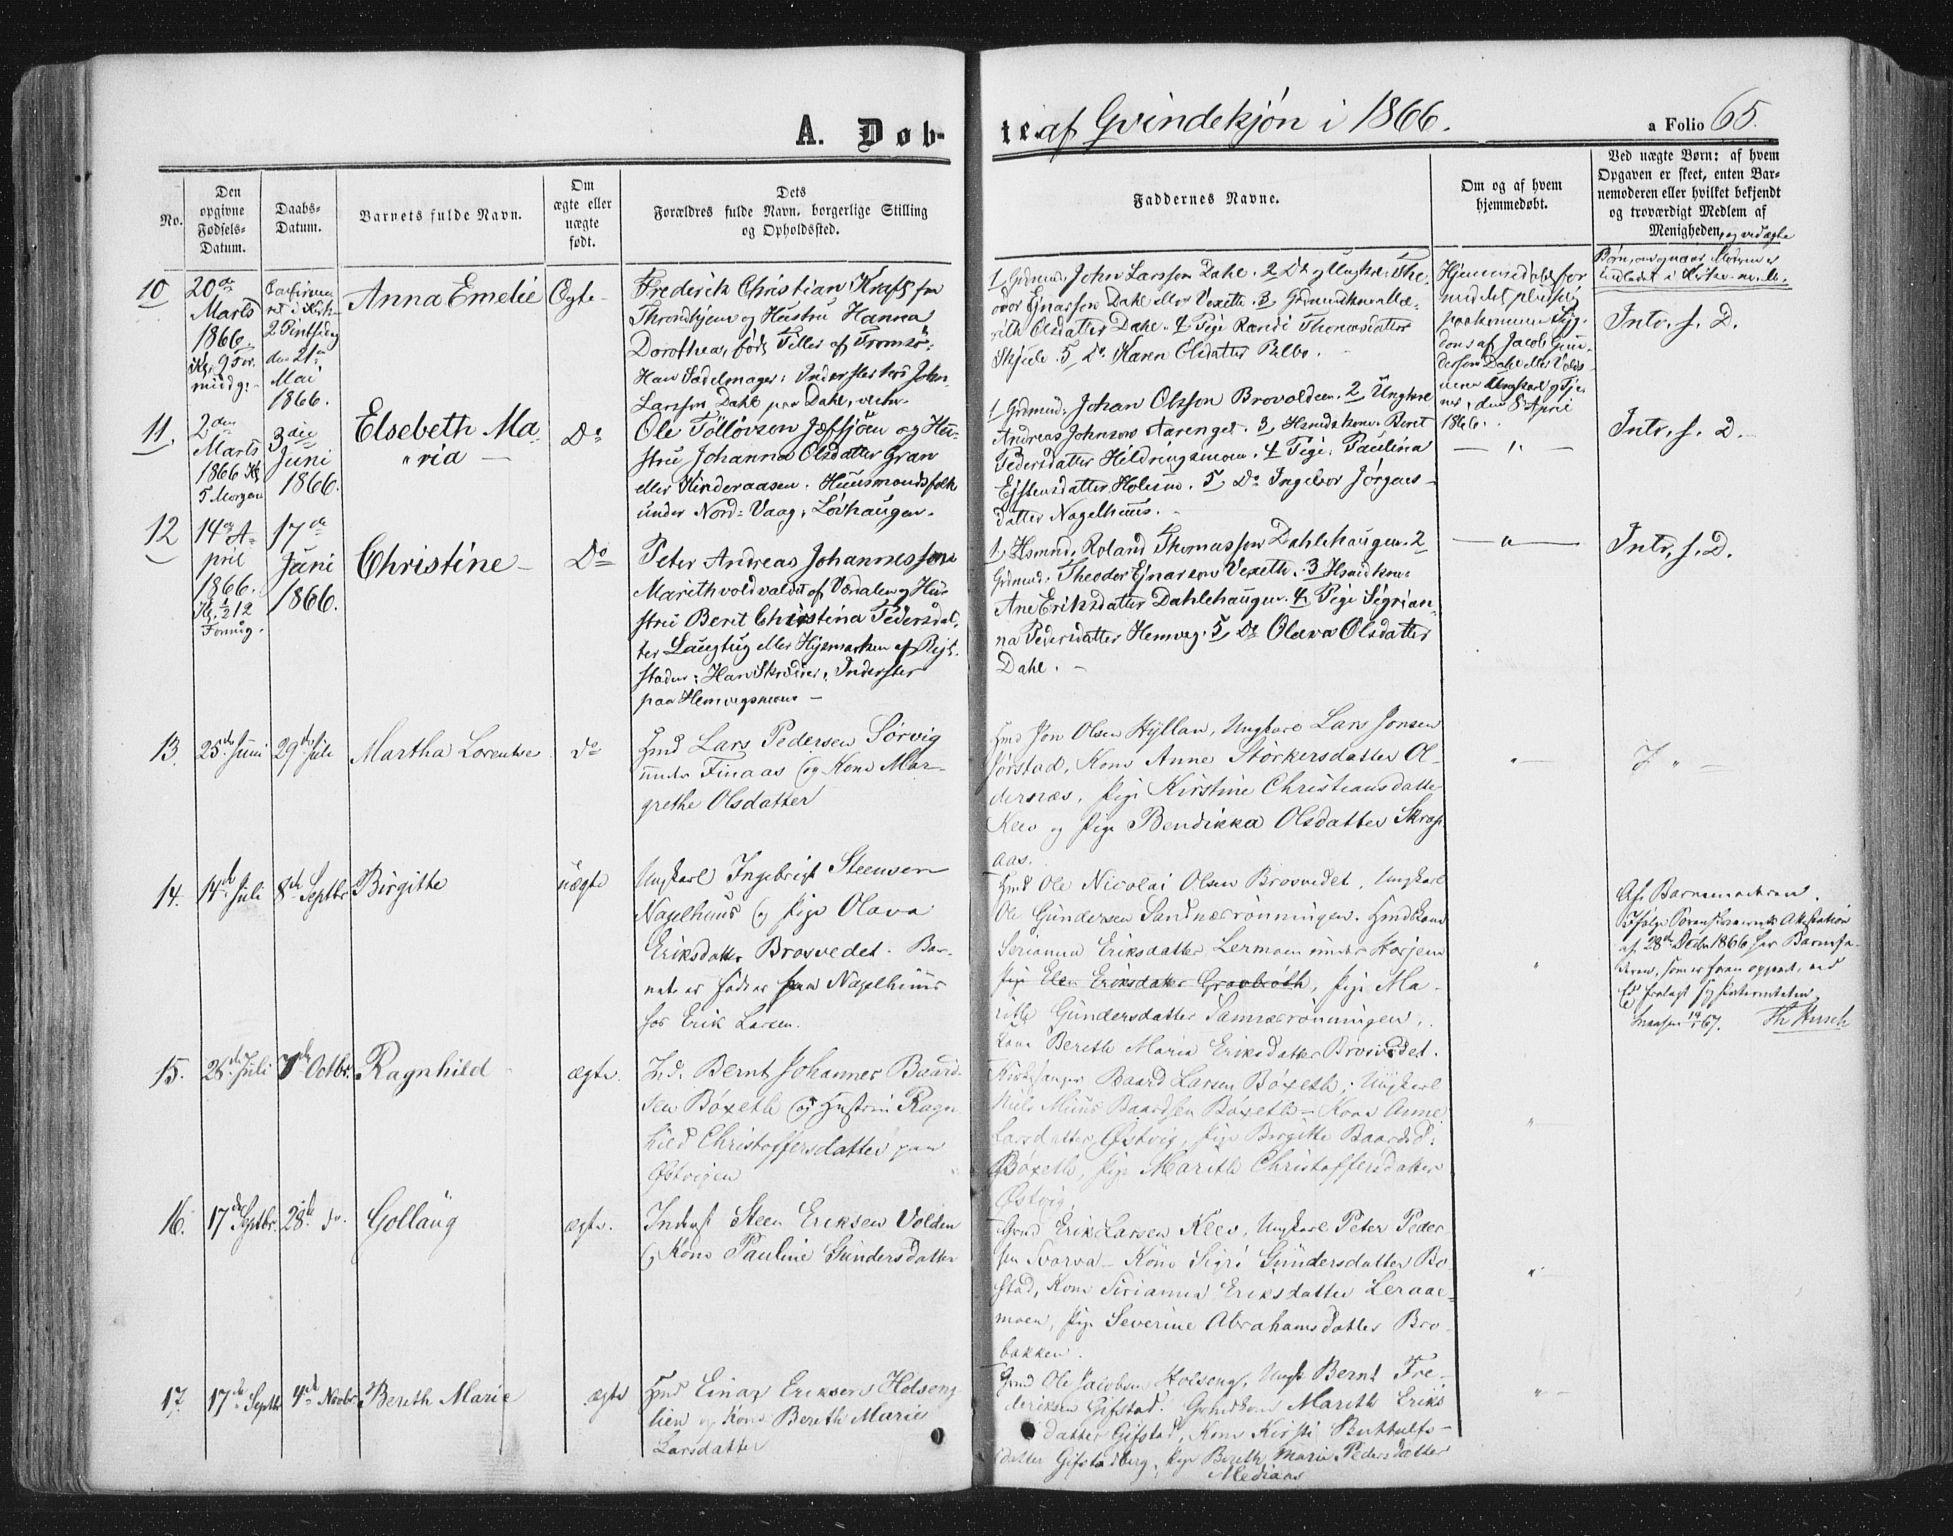 SAT, Ministerialprotokoller, klokkerbøker og fødselsregistre - Nord-Trøndelag, 749/L0472: Ministerialbok nr. 749A06, 1857-1873, s. 65